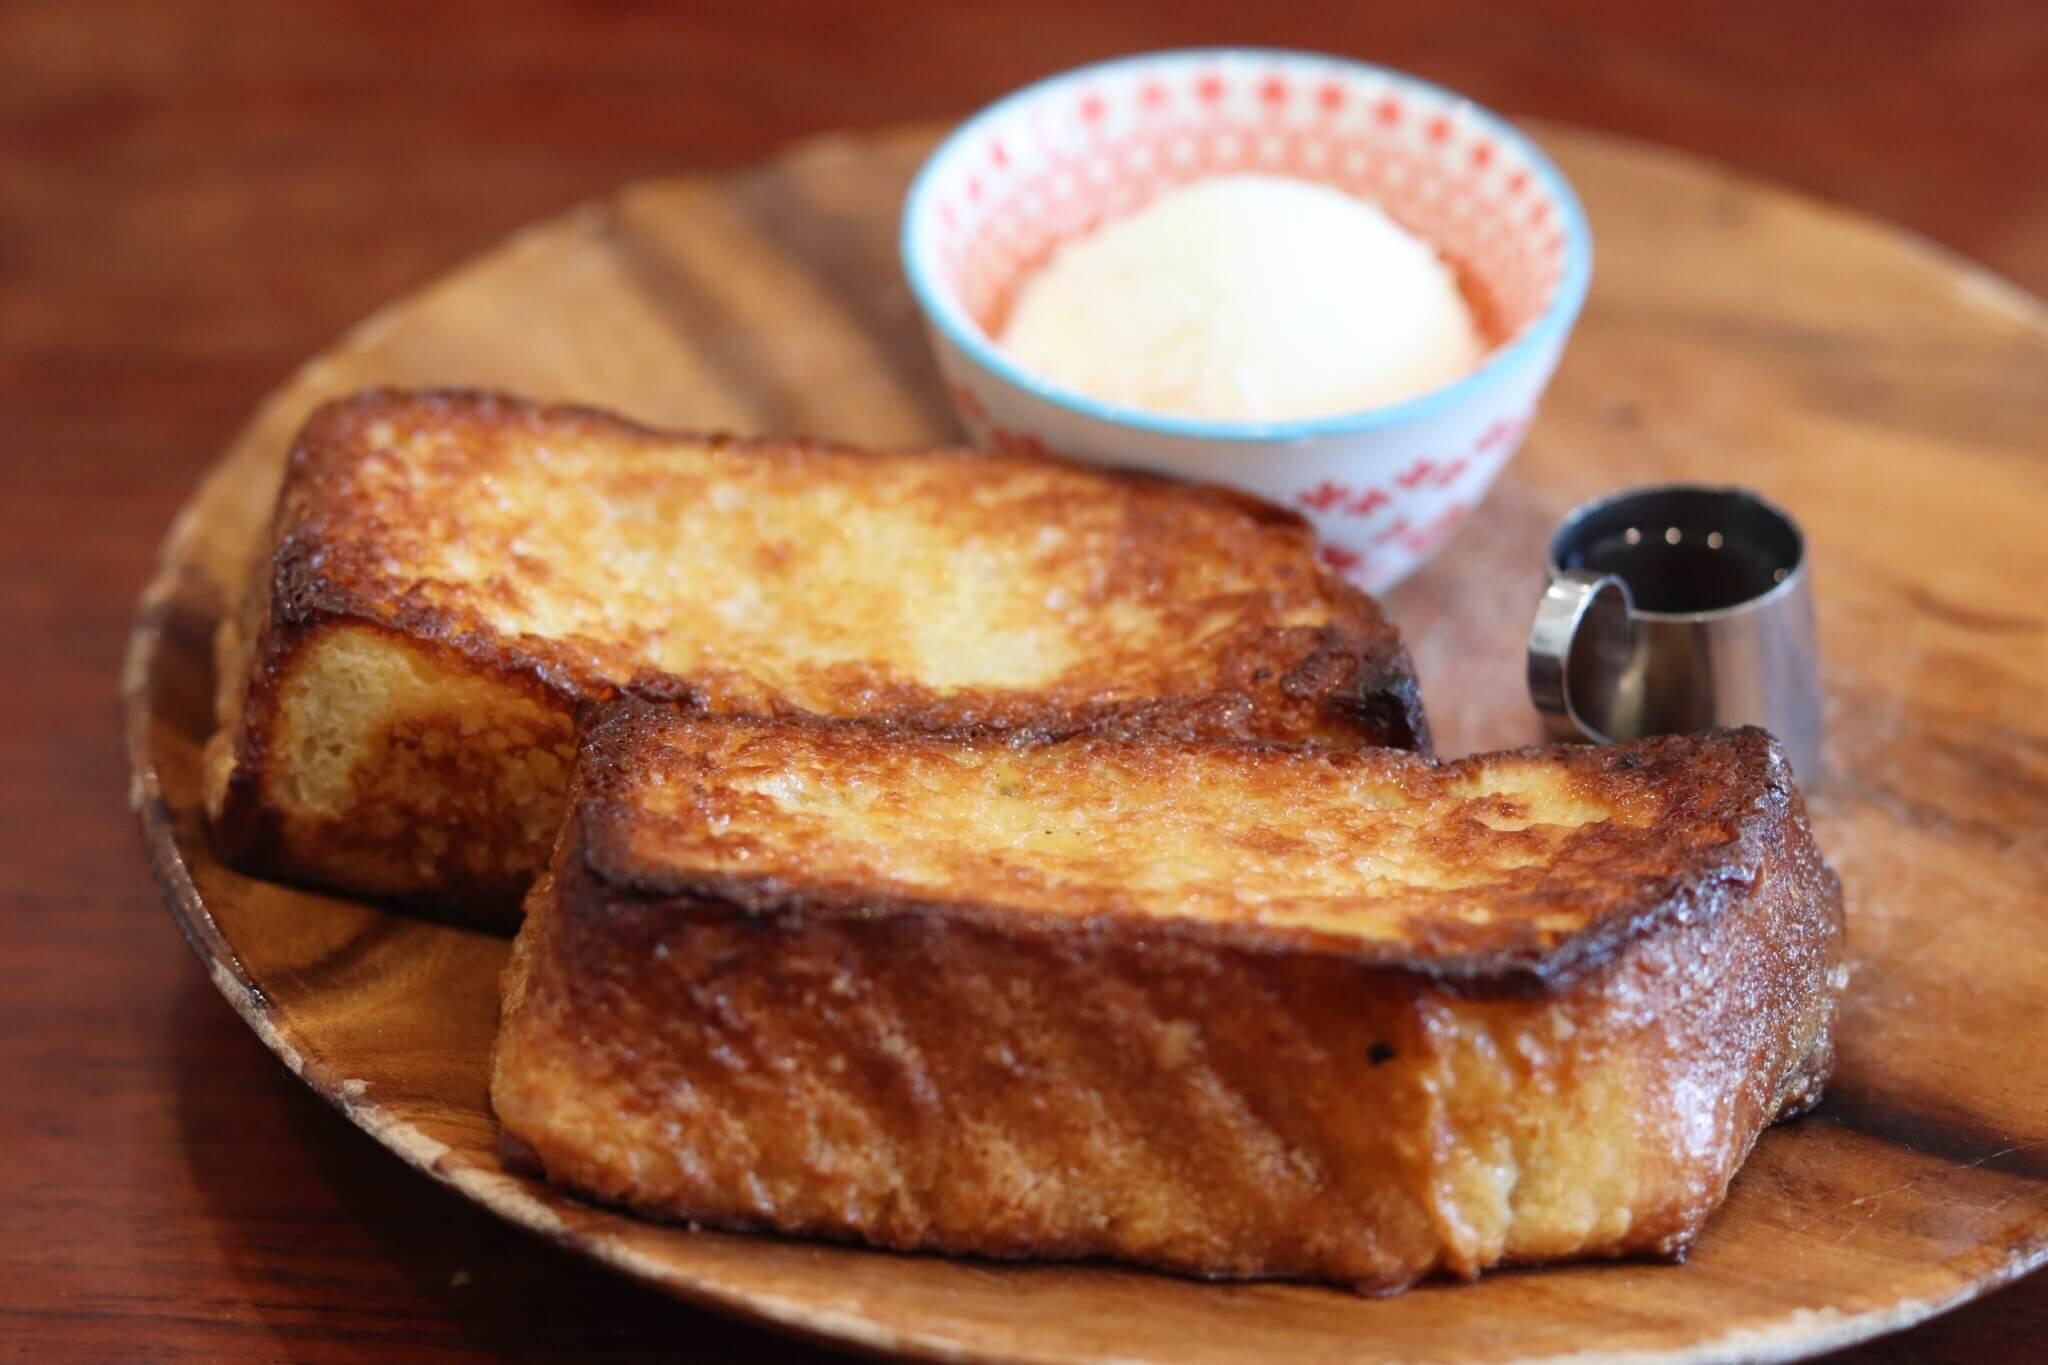 【東京・竹ノ塚】市東製作所②〜なんでこんなにパンが美味いんじゃあ〜!編〜